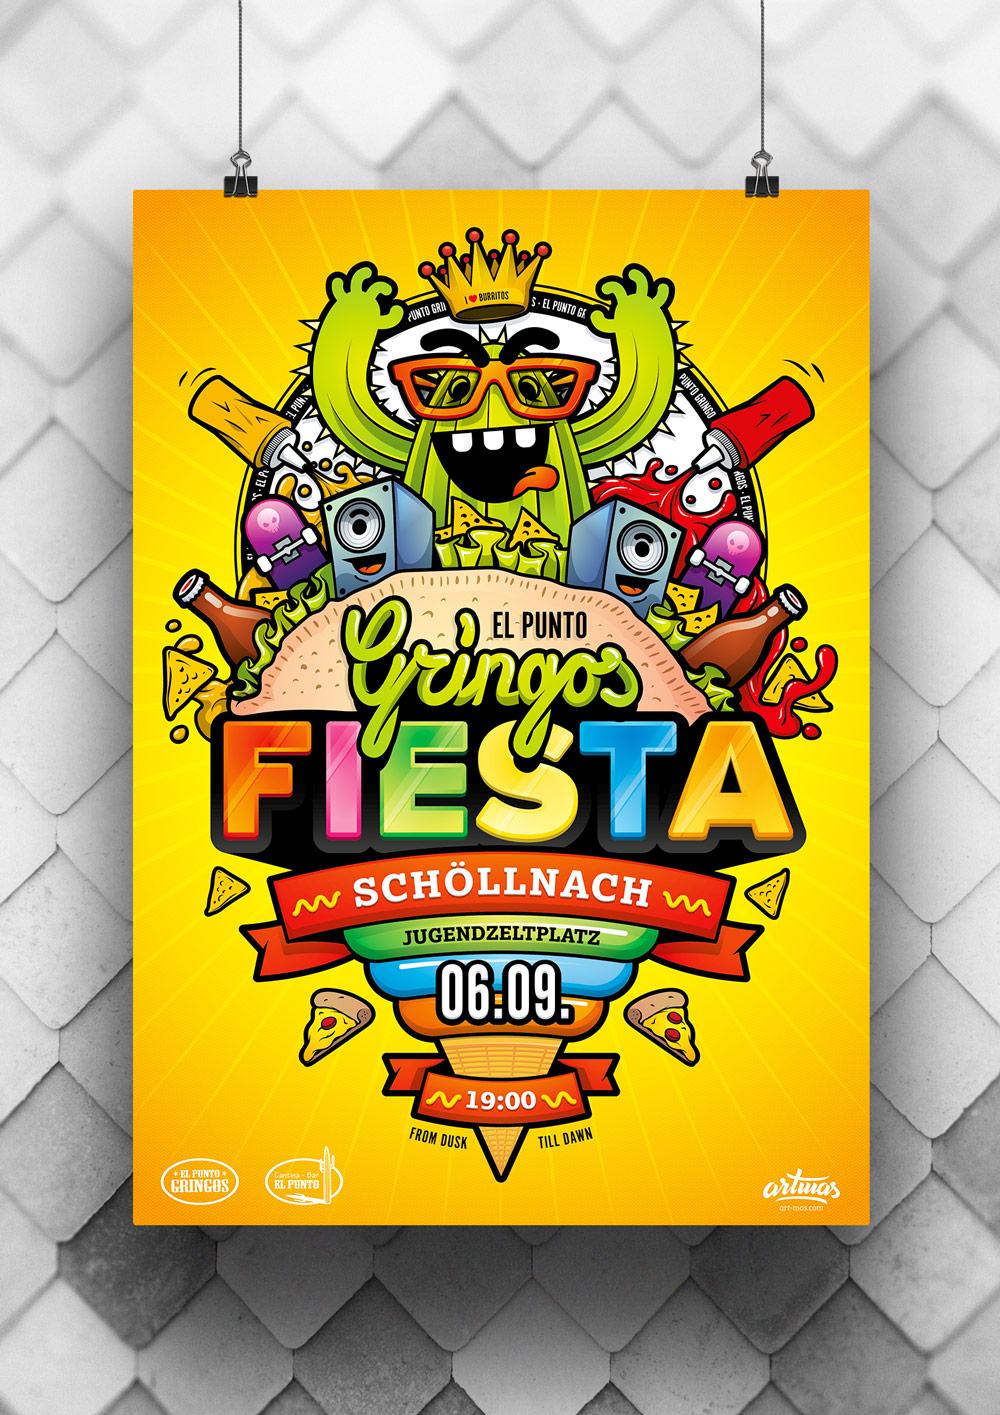 Gringos Fiesta 2014 | Poster | Illustration By Artjom Meister | Art-mas.com